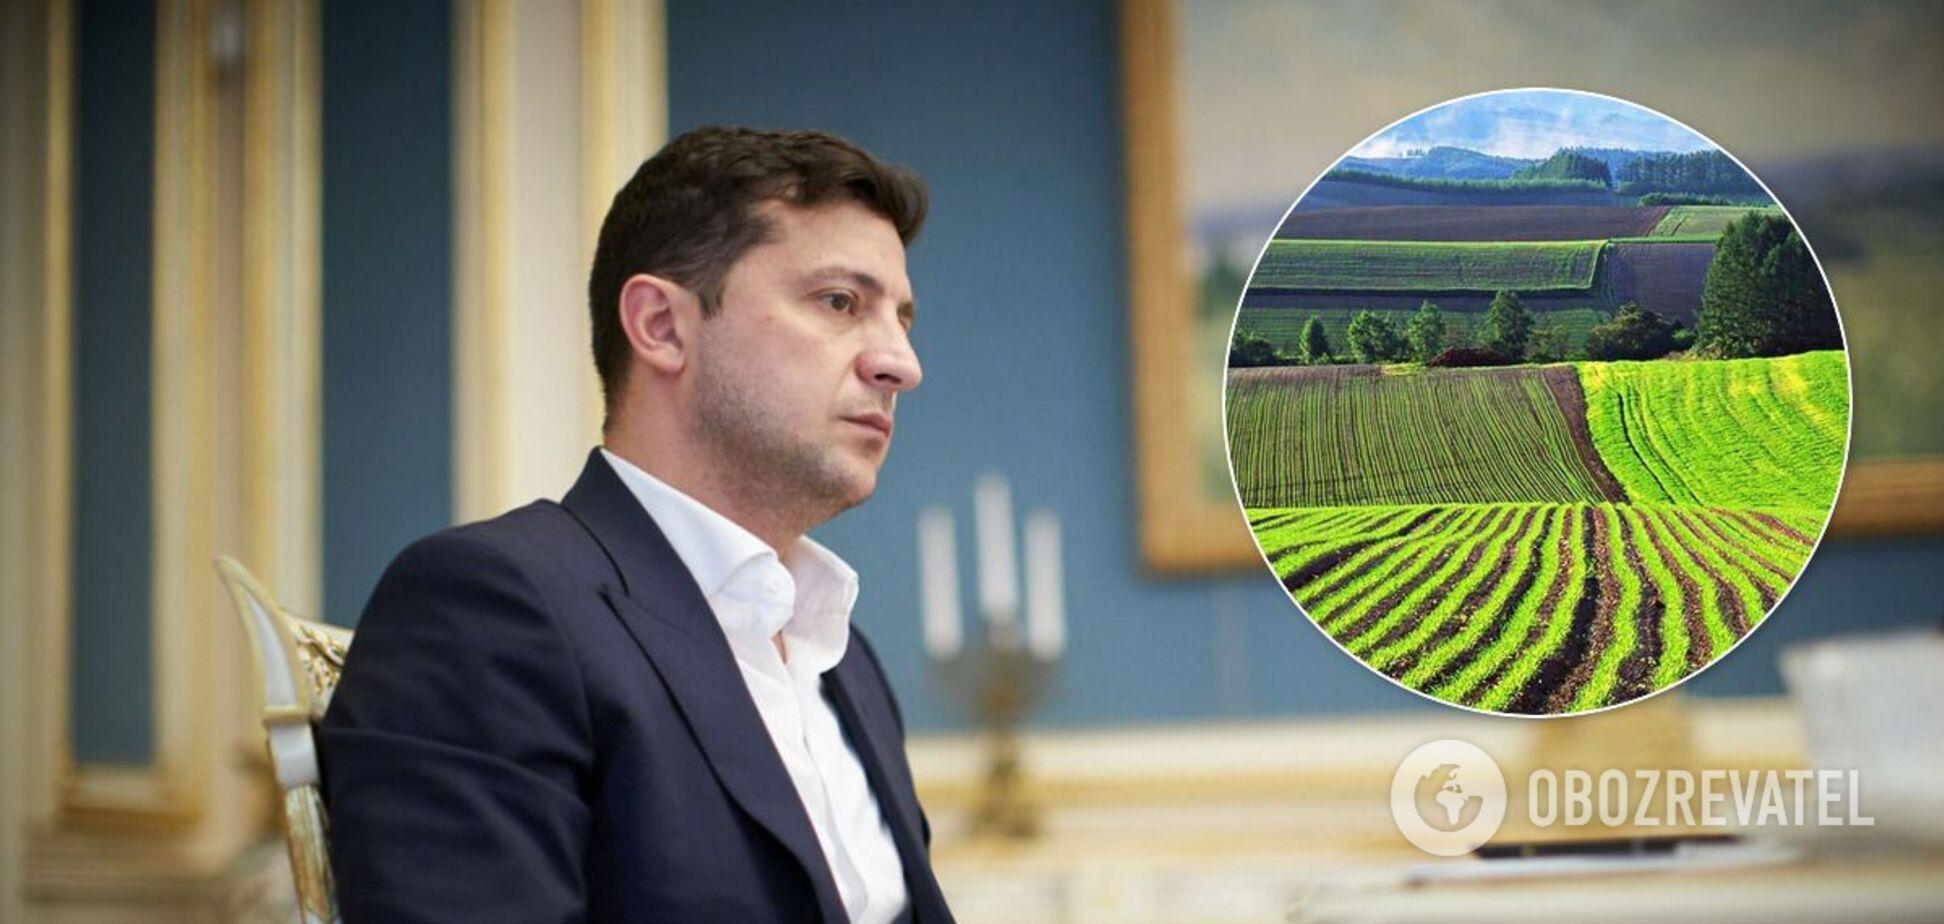 Зеленський передав 2 млн га земель у комунальну власність: хто може отримати безкоштовно